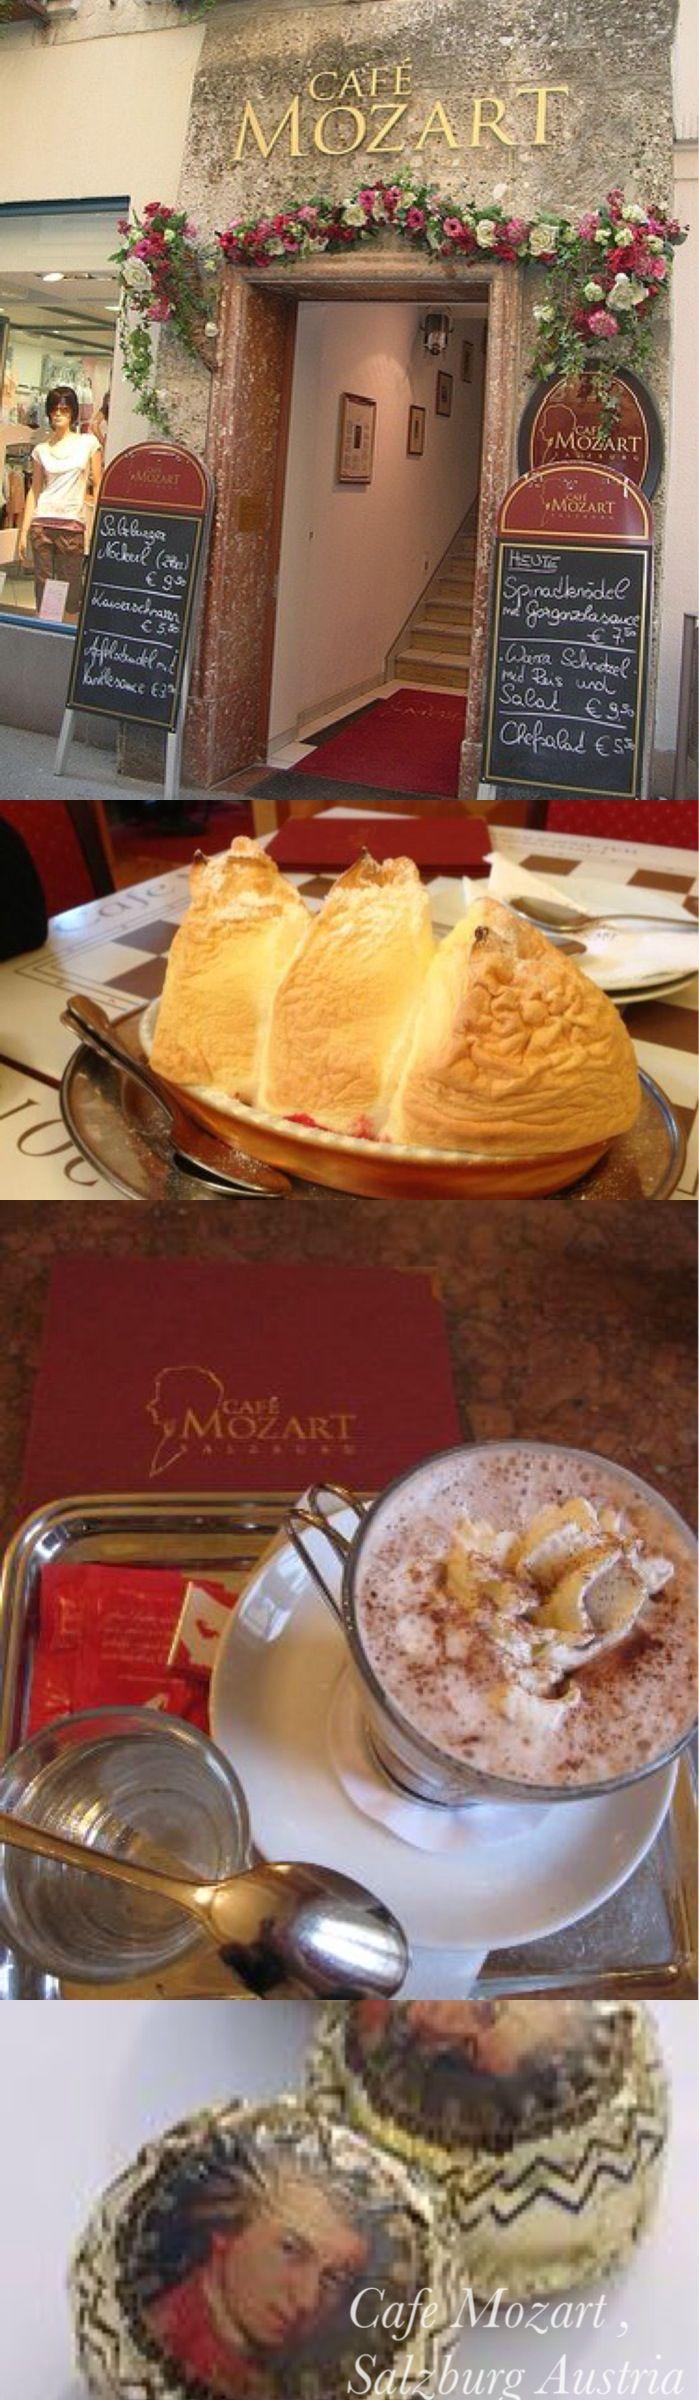 cafe mozart salzburg austria  http://maladeaventuras.com/2013/09/18/salzburg-a-cidade-do-mozart/